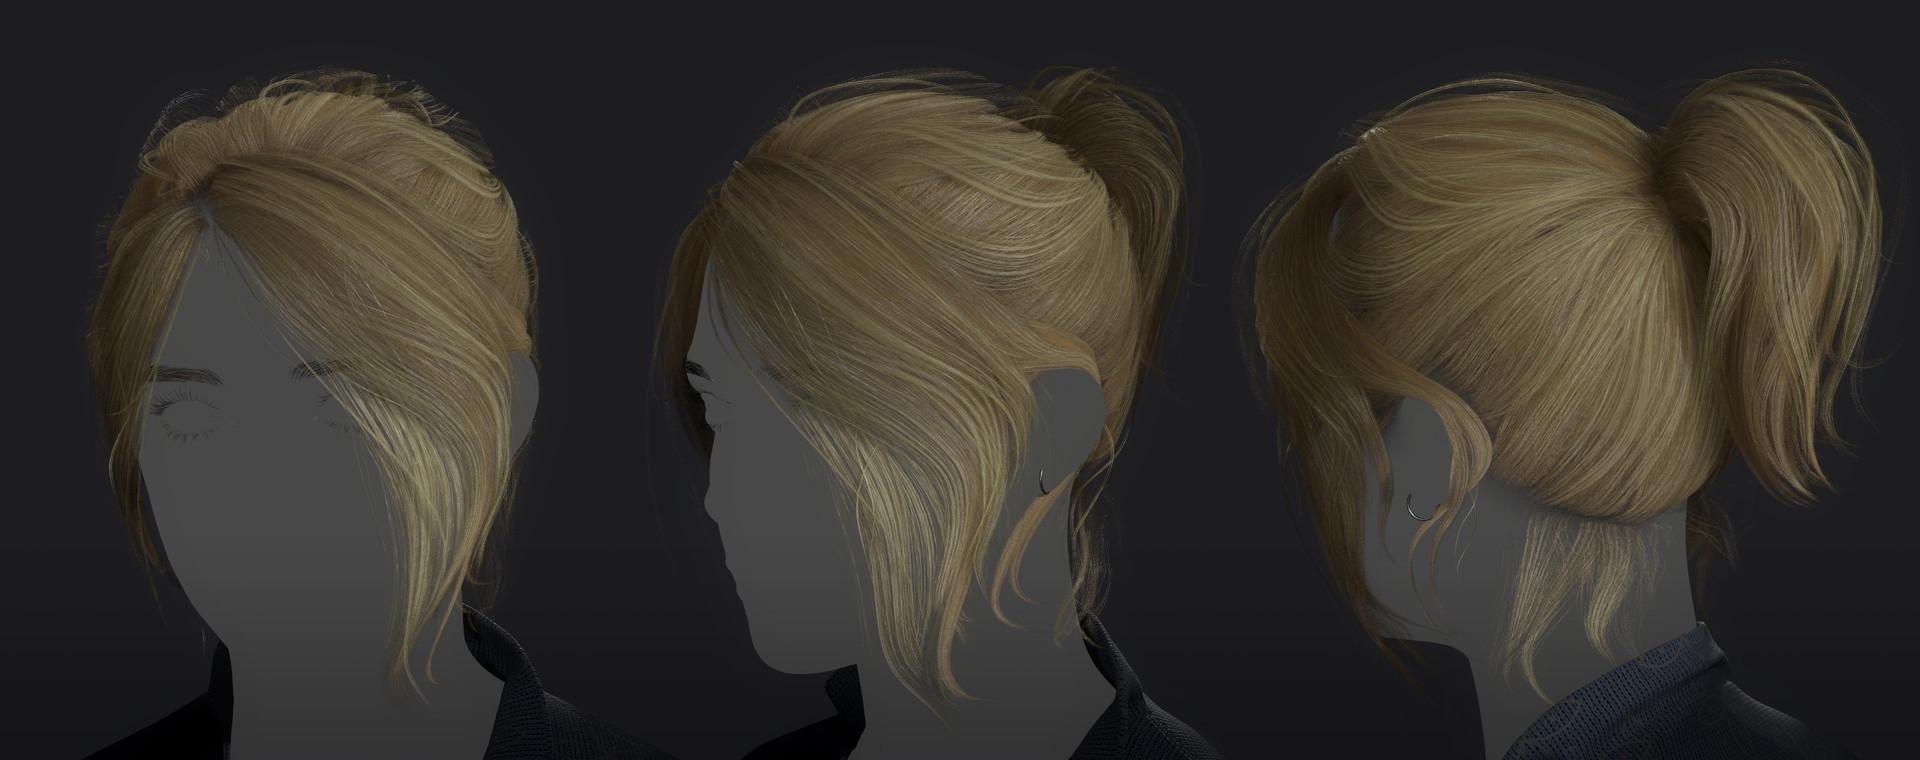 Saurabh jethani blonde 1